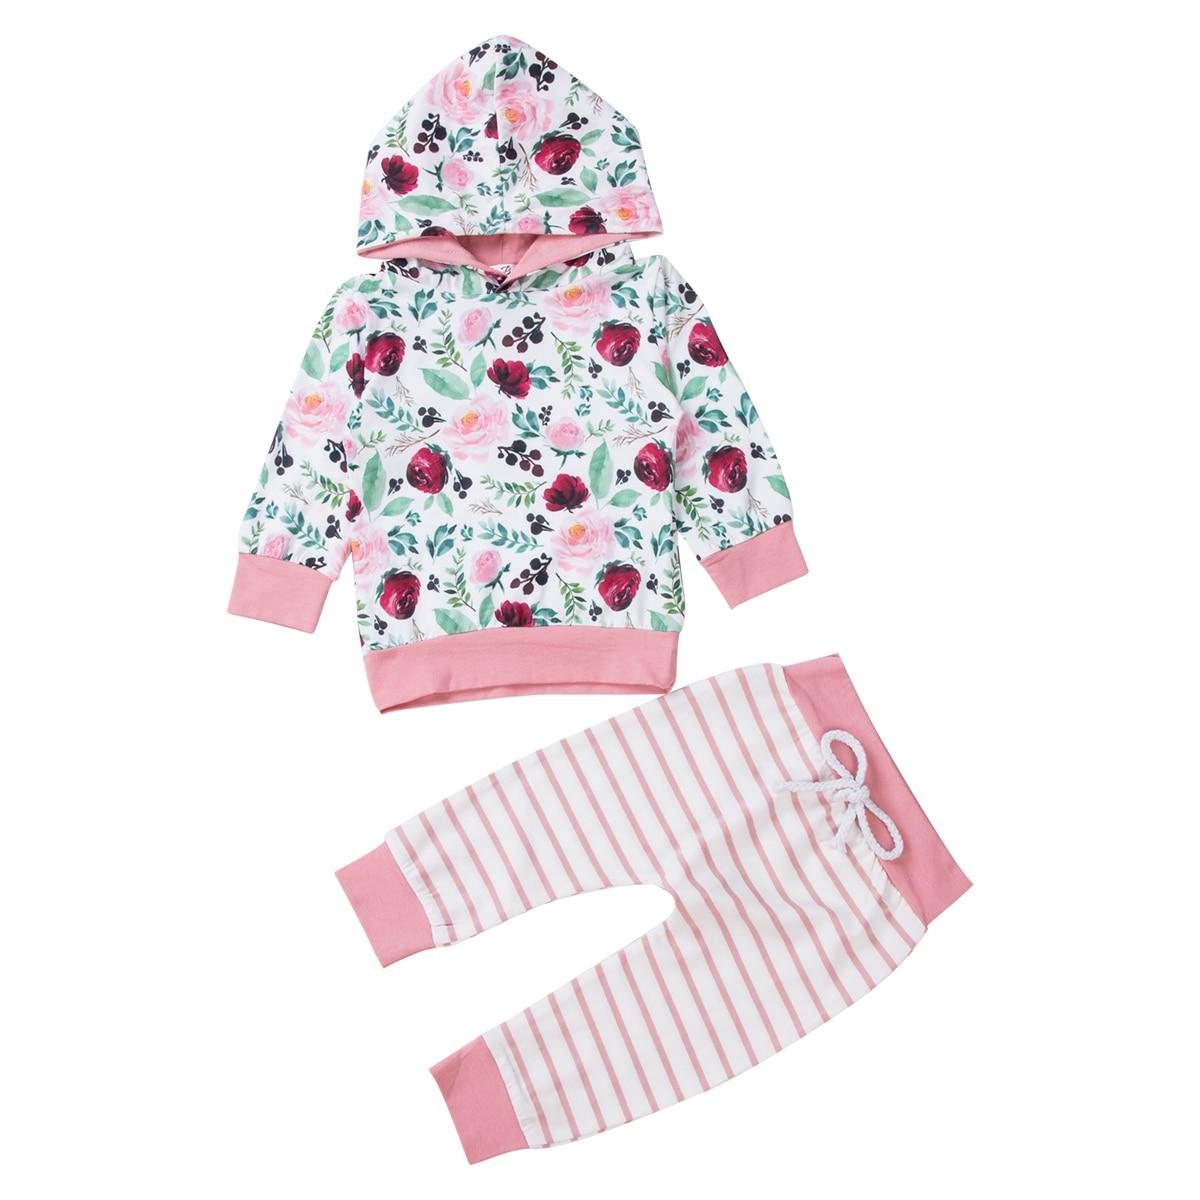 0-24M chico recién nacido bebé Niñas Ropa Floral de manga larga con capucha Top pantalones de rayas invierno primavera ropa